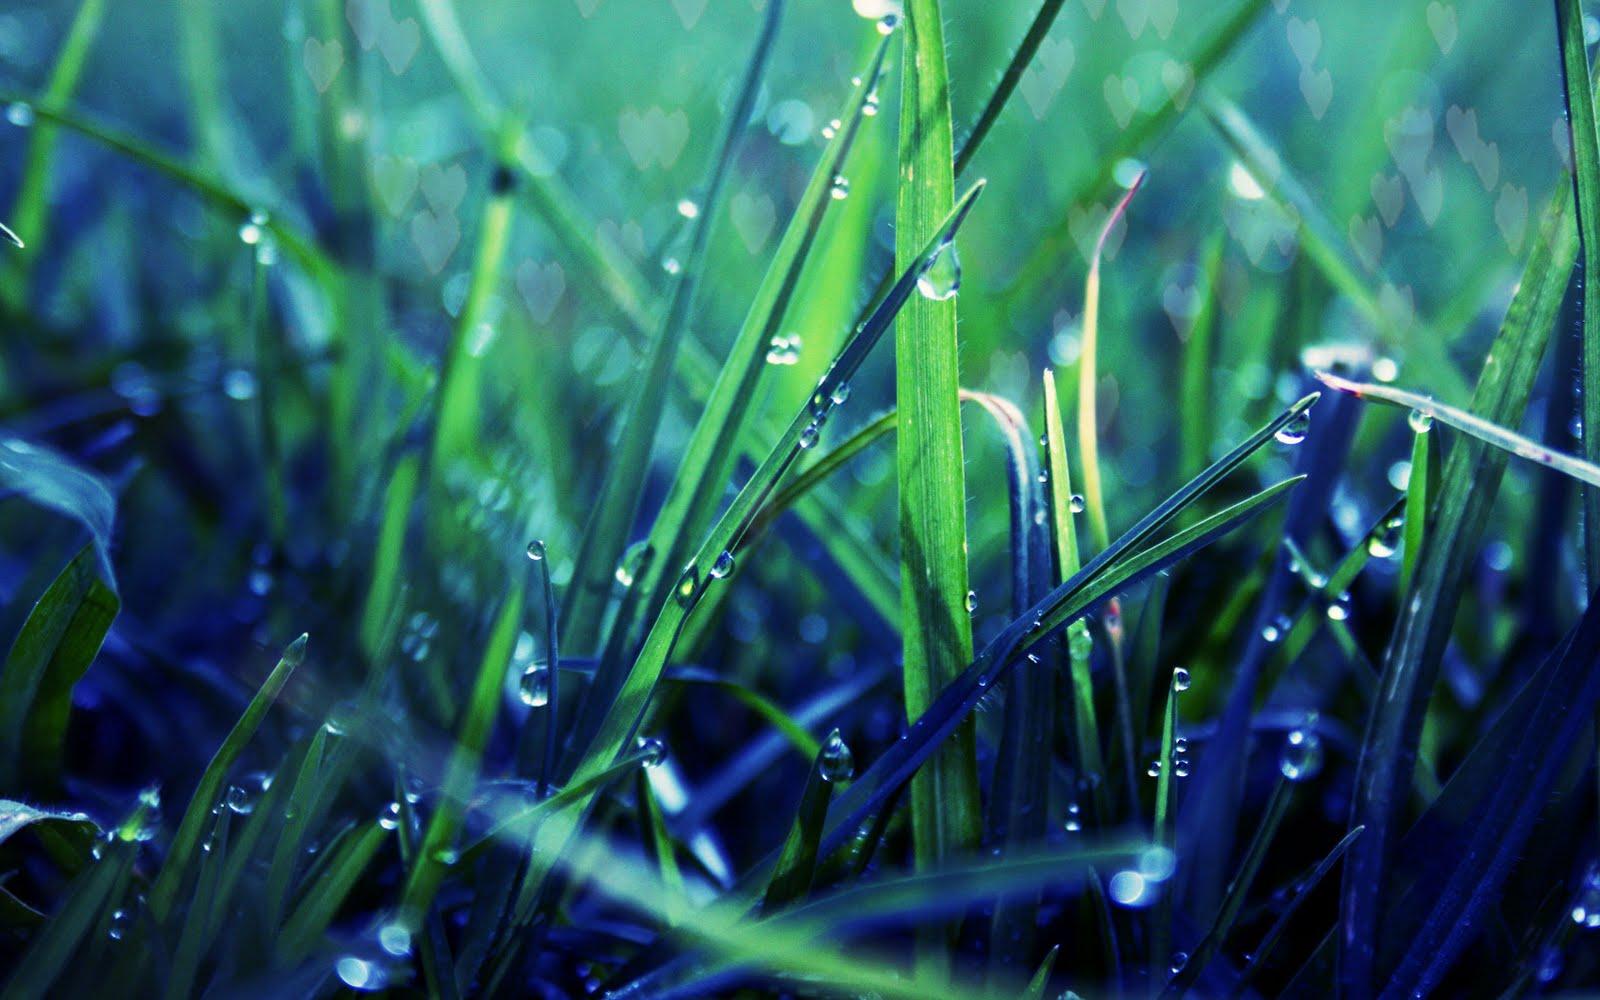 http://3.bp.blogspot.com/-3rxcmV3THh4/Tle_HAzHjtI/AAAAAAAAGog/O3XnOuKv-Qs/s1600/Nature+Widescreen+HD+Wallpaper+1680+X+1050+30.jpg